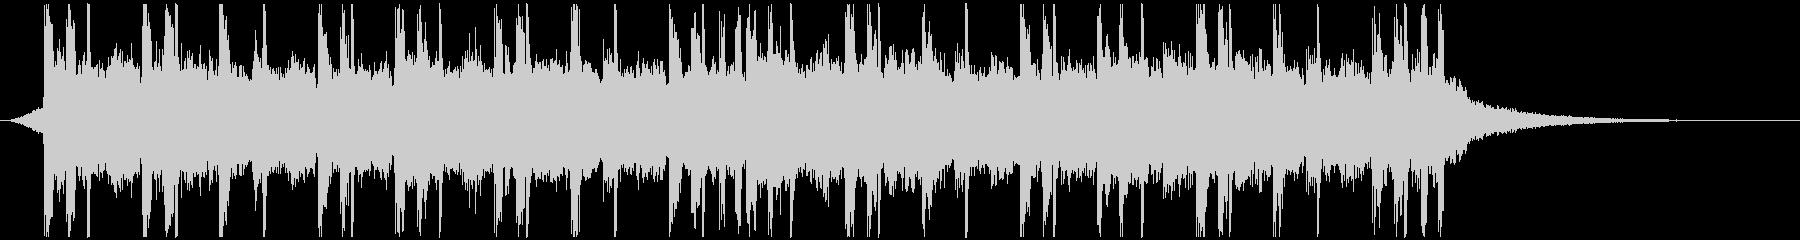 CM30秒/おしゃれ/チル/ヒップホップの未再生の波形